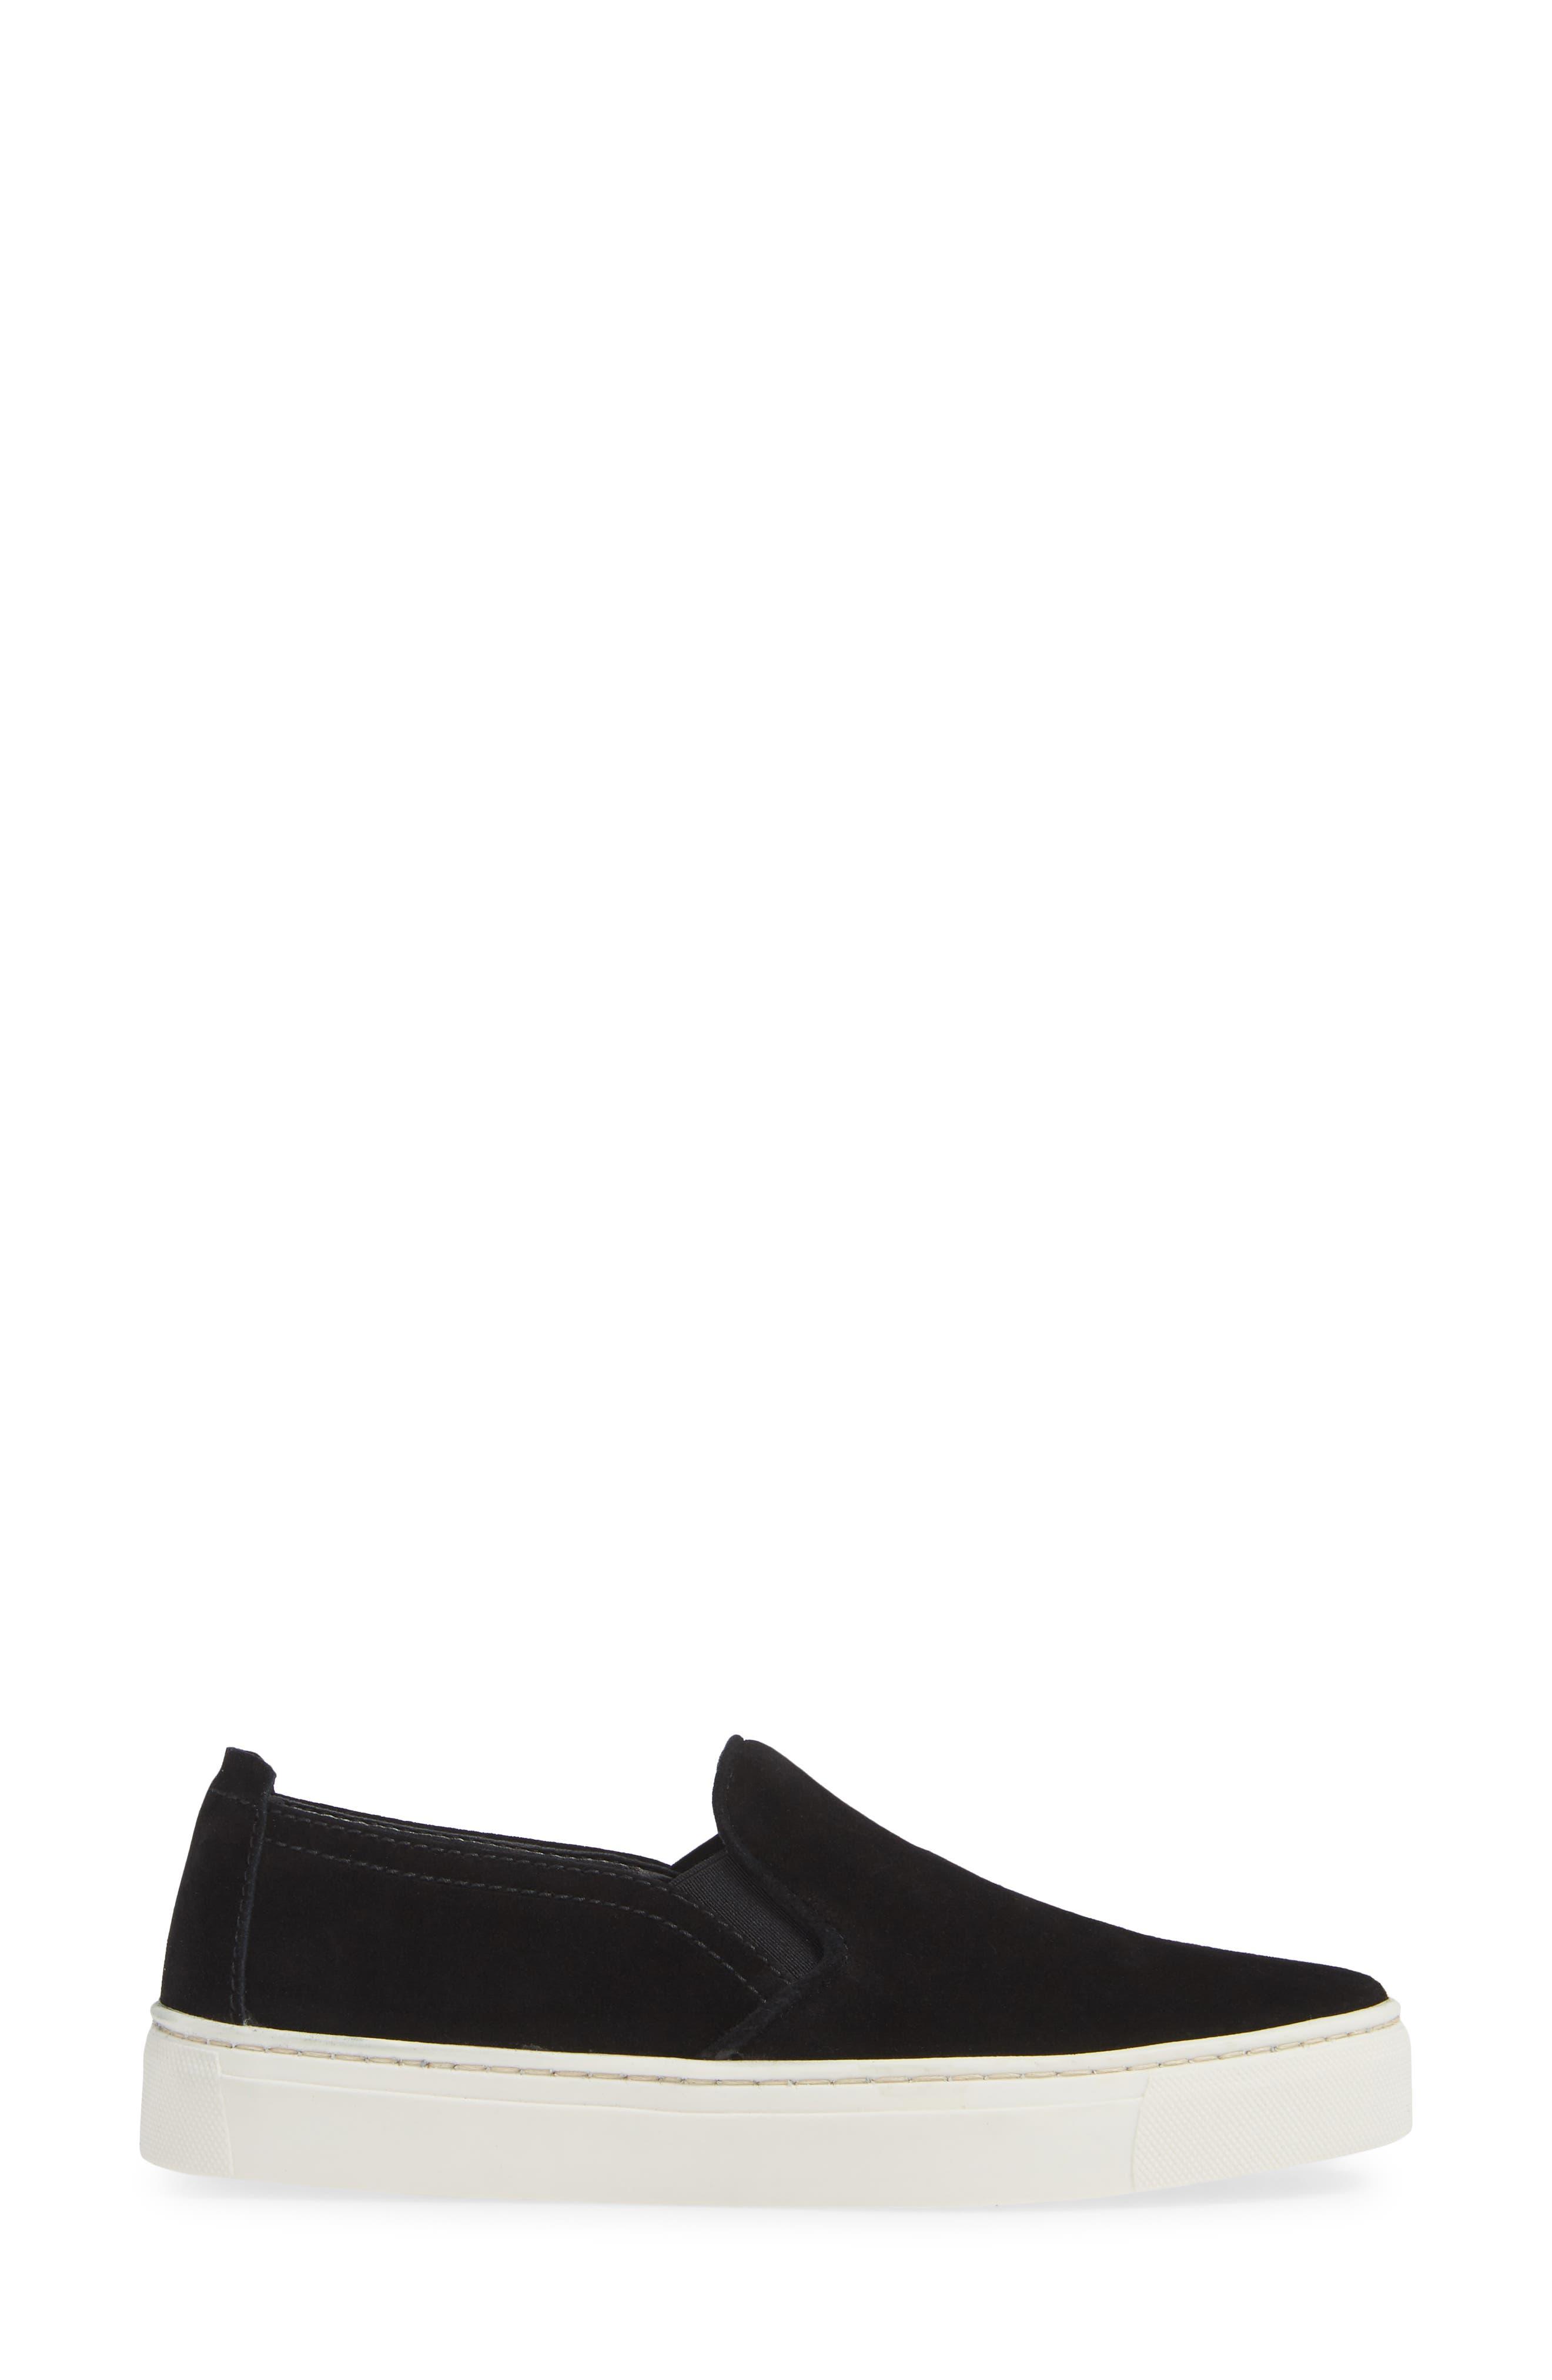 'Sneak Name' Sneaker,                             Alternate thumbnail 3, color,                             BLACK WATERPROOF SUEDE